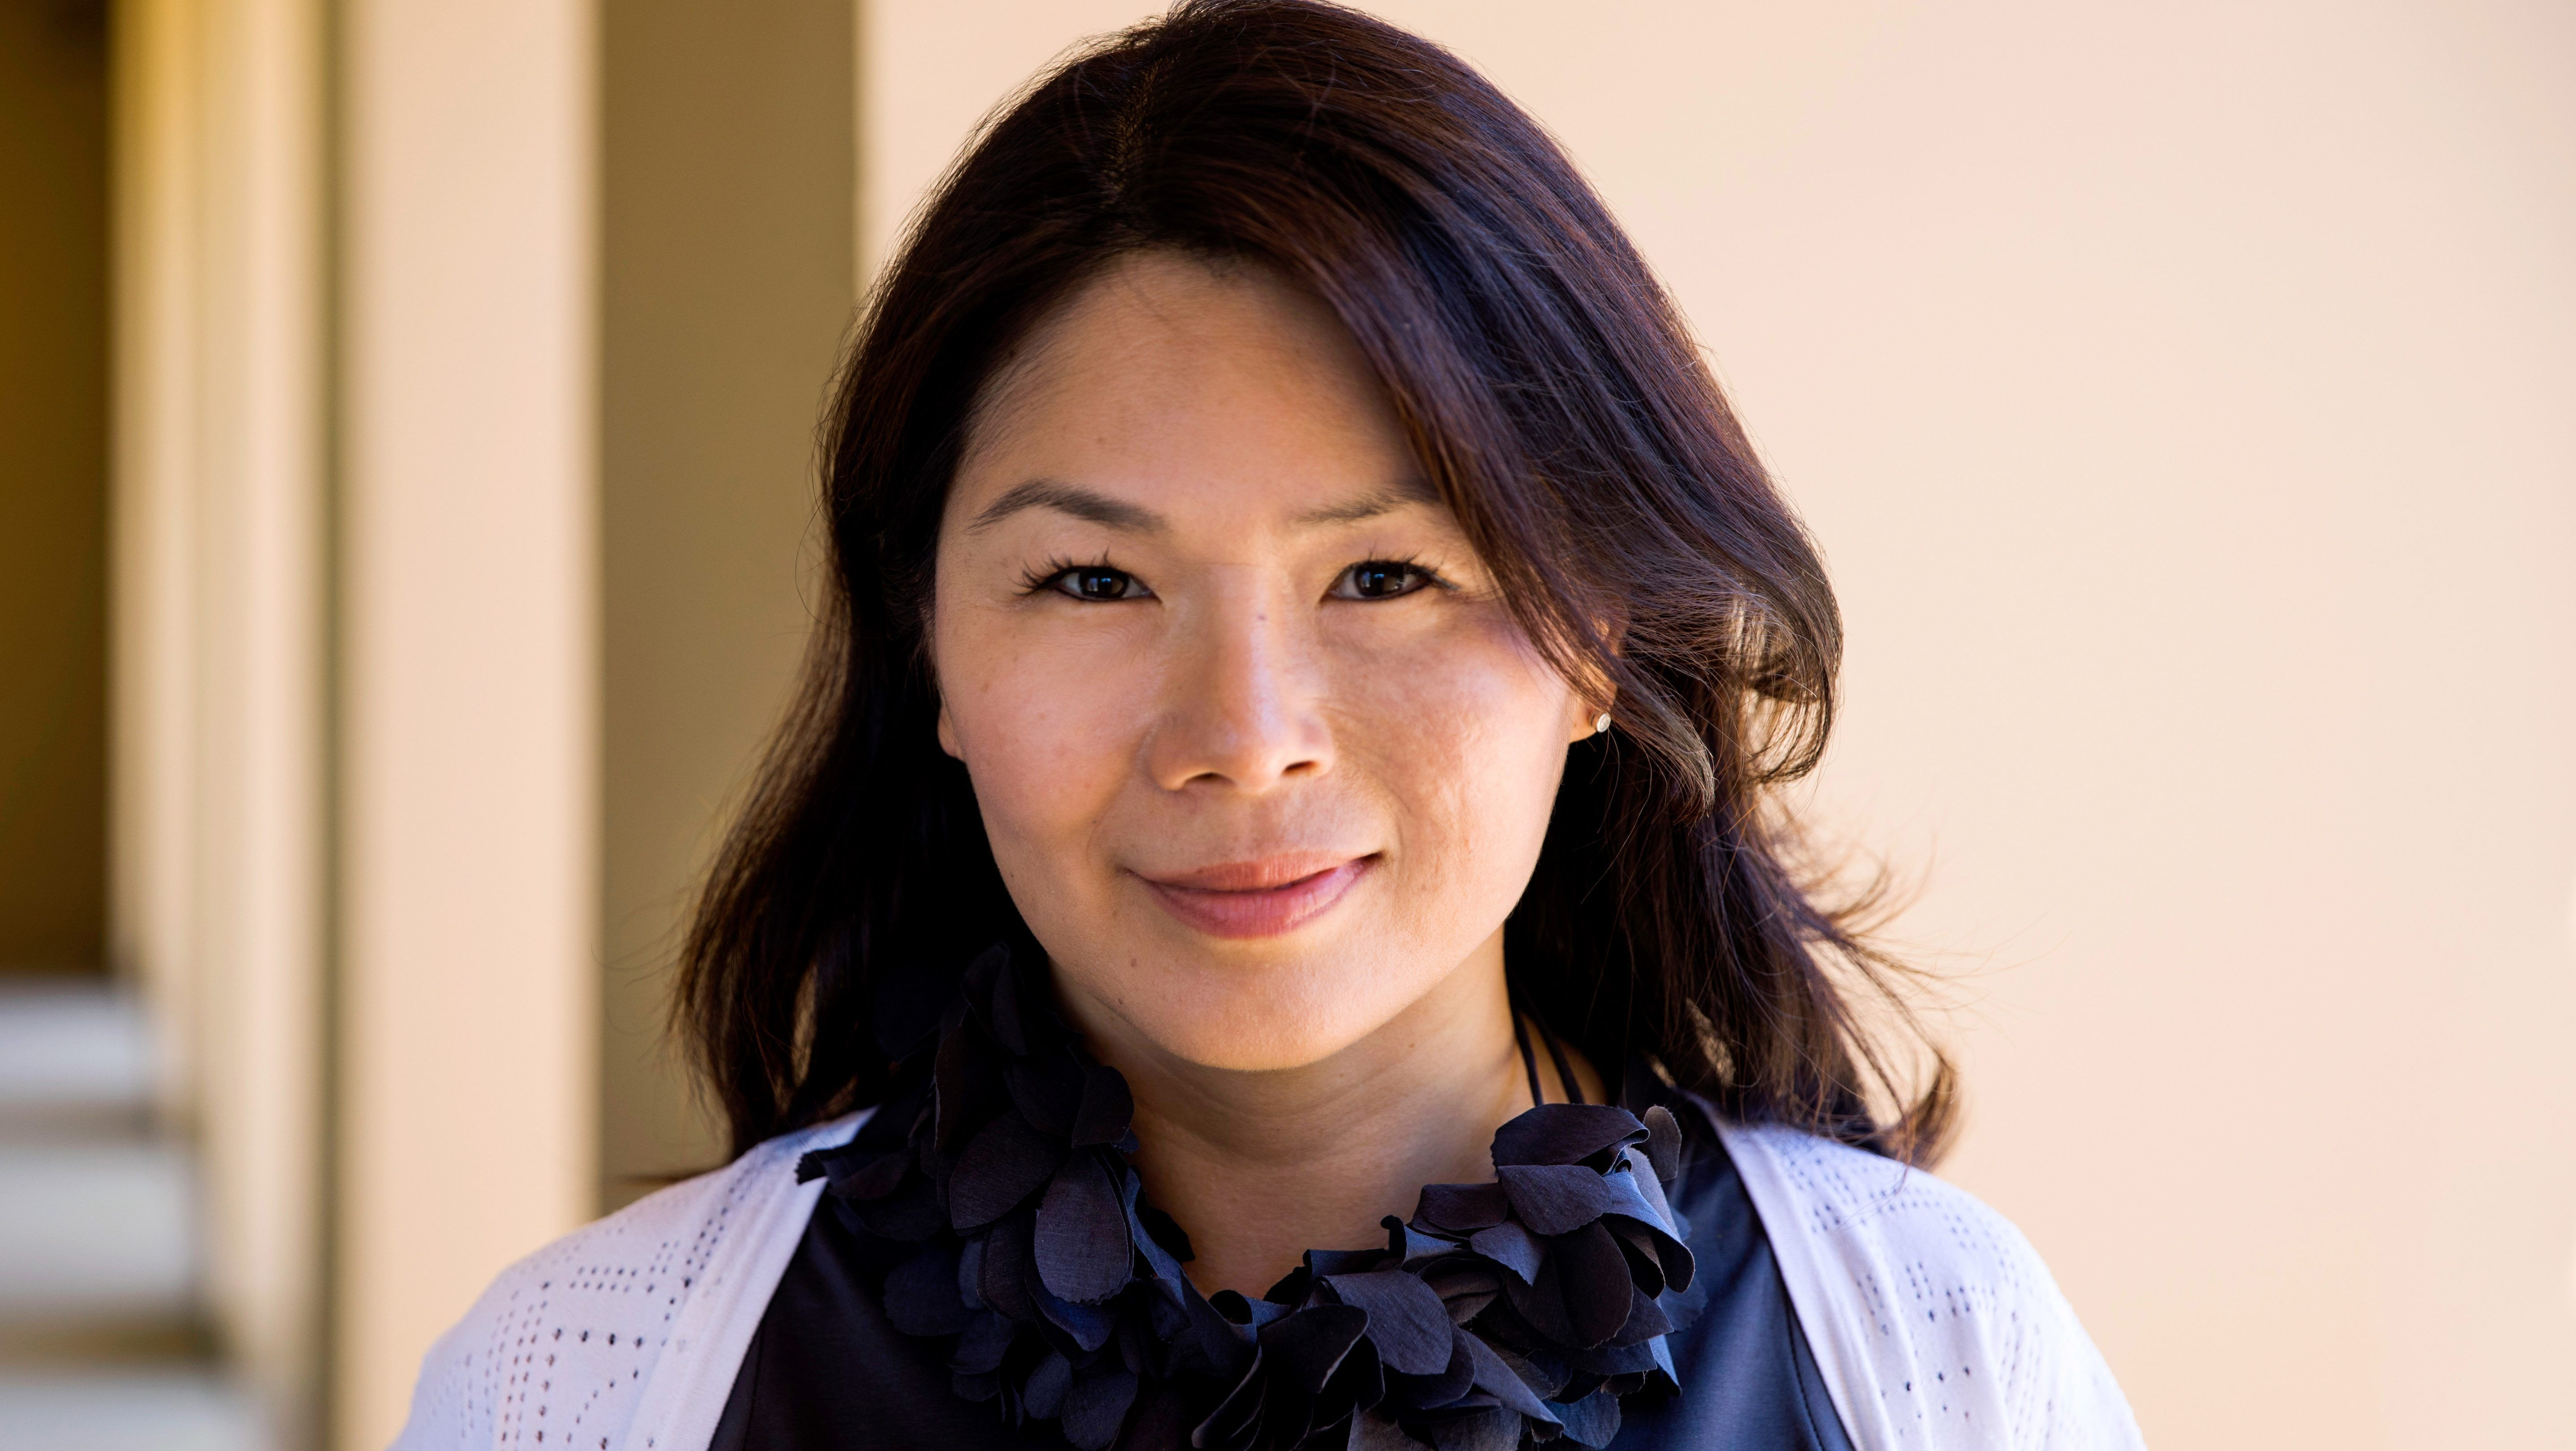 isabel_ge_mahe_managing_director_china-e1500442500440.jpg